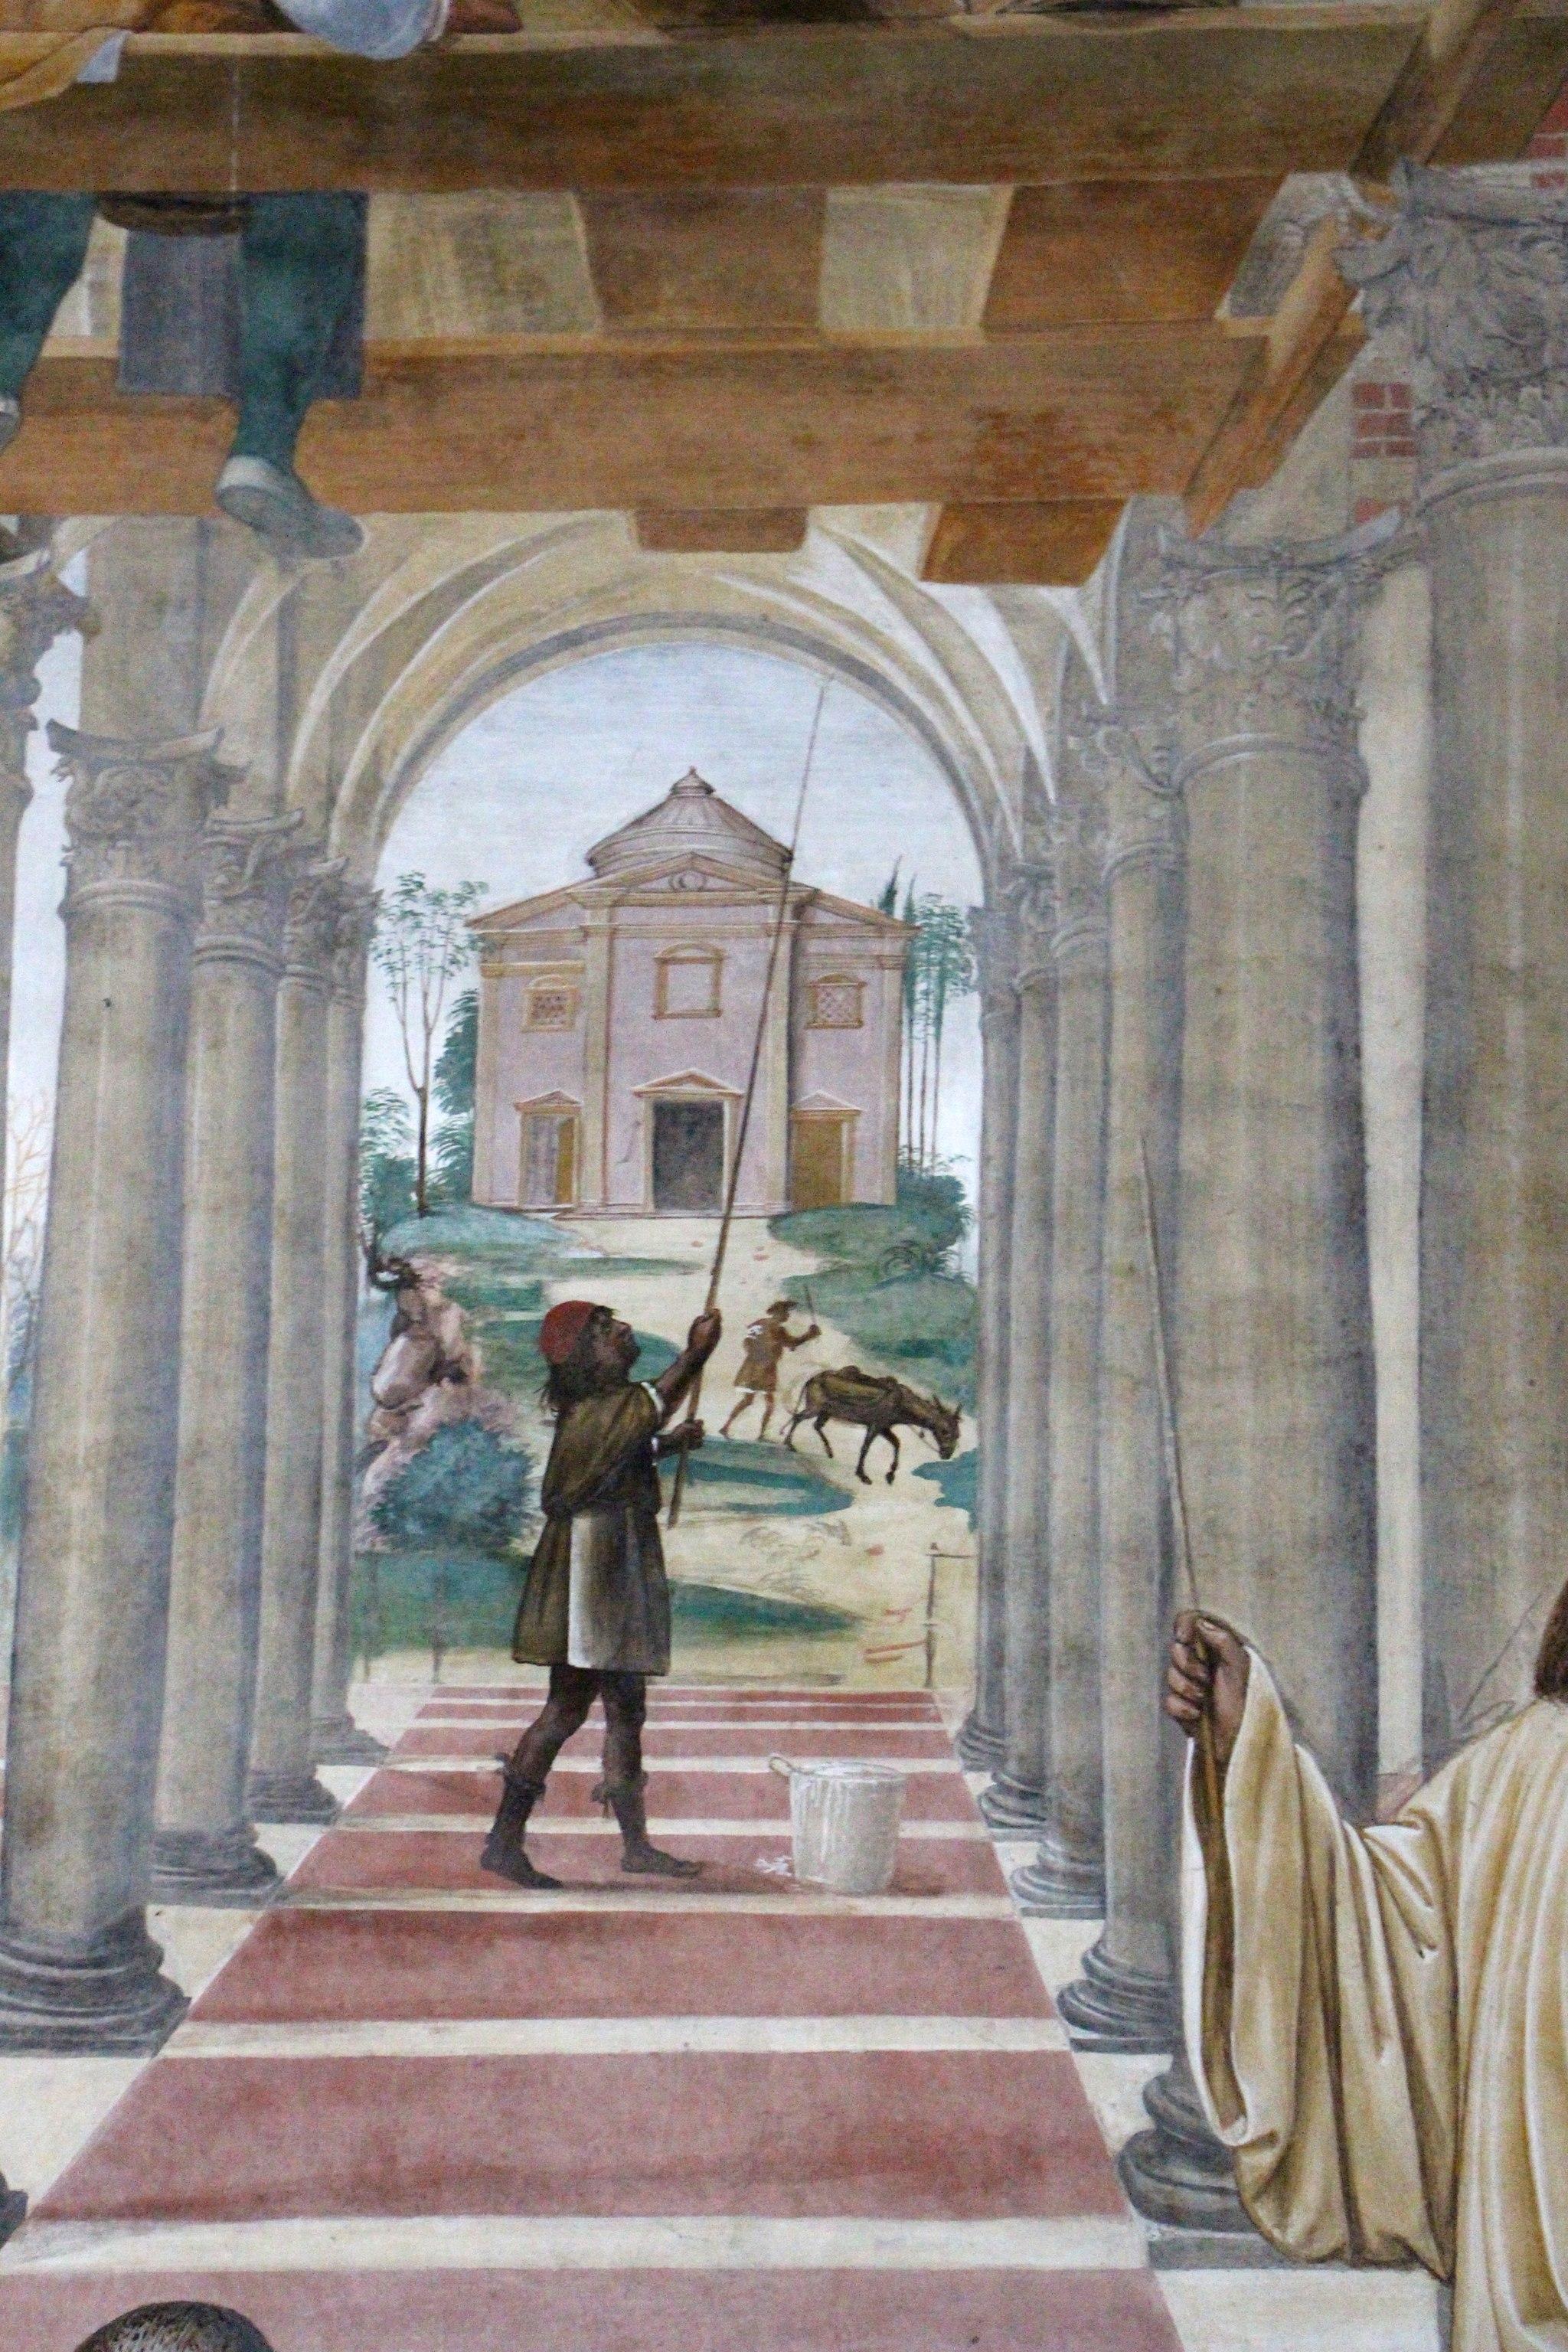 Storie di s. benedetto, 11 sodoma - Come Benedetto compie la edificazione di dodici monasteri 04